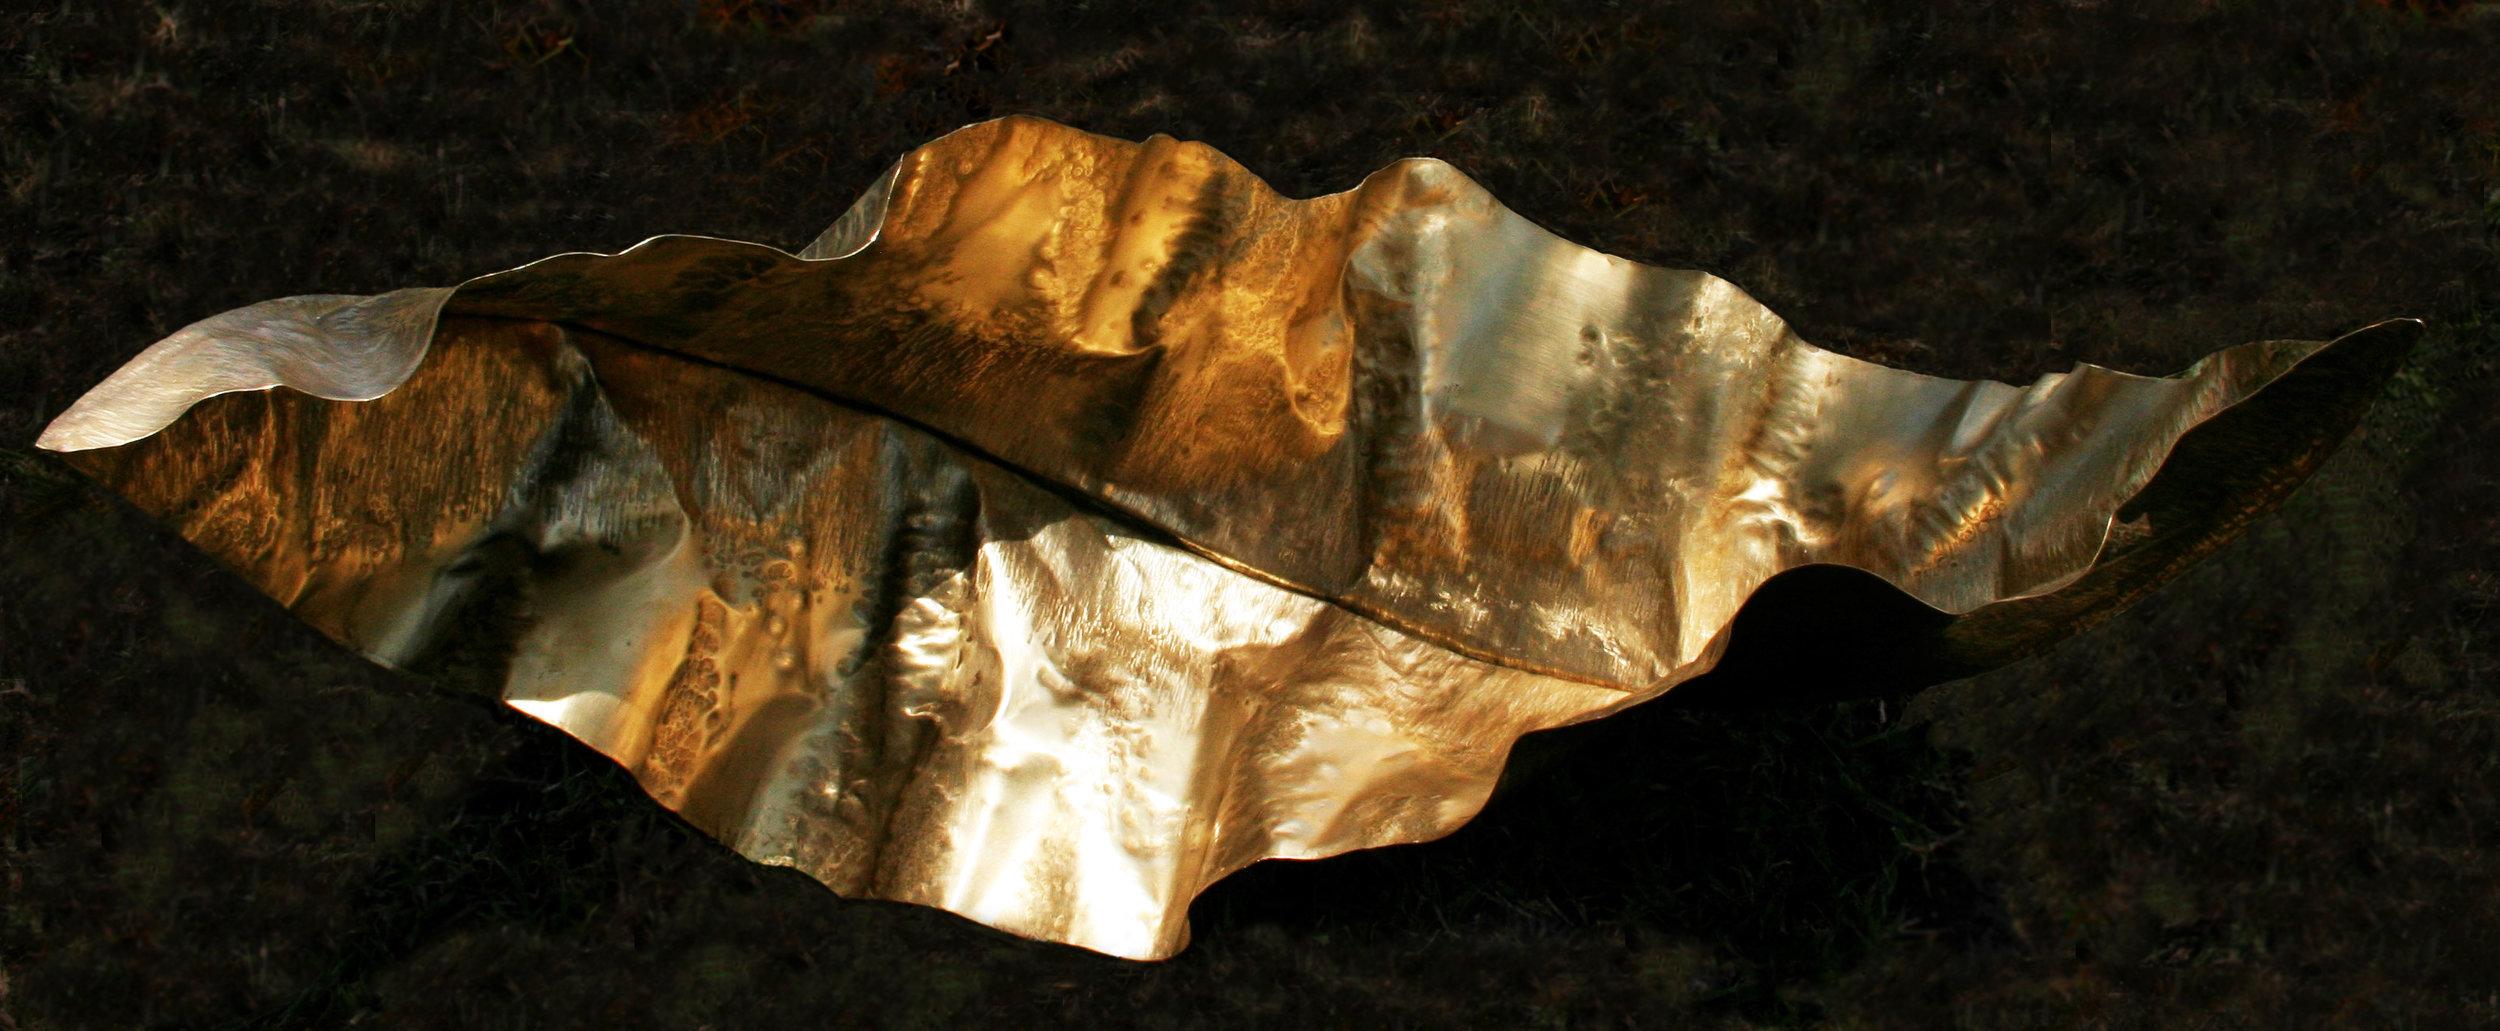 franziska sommerlatte brass leaf